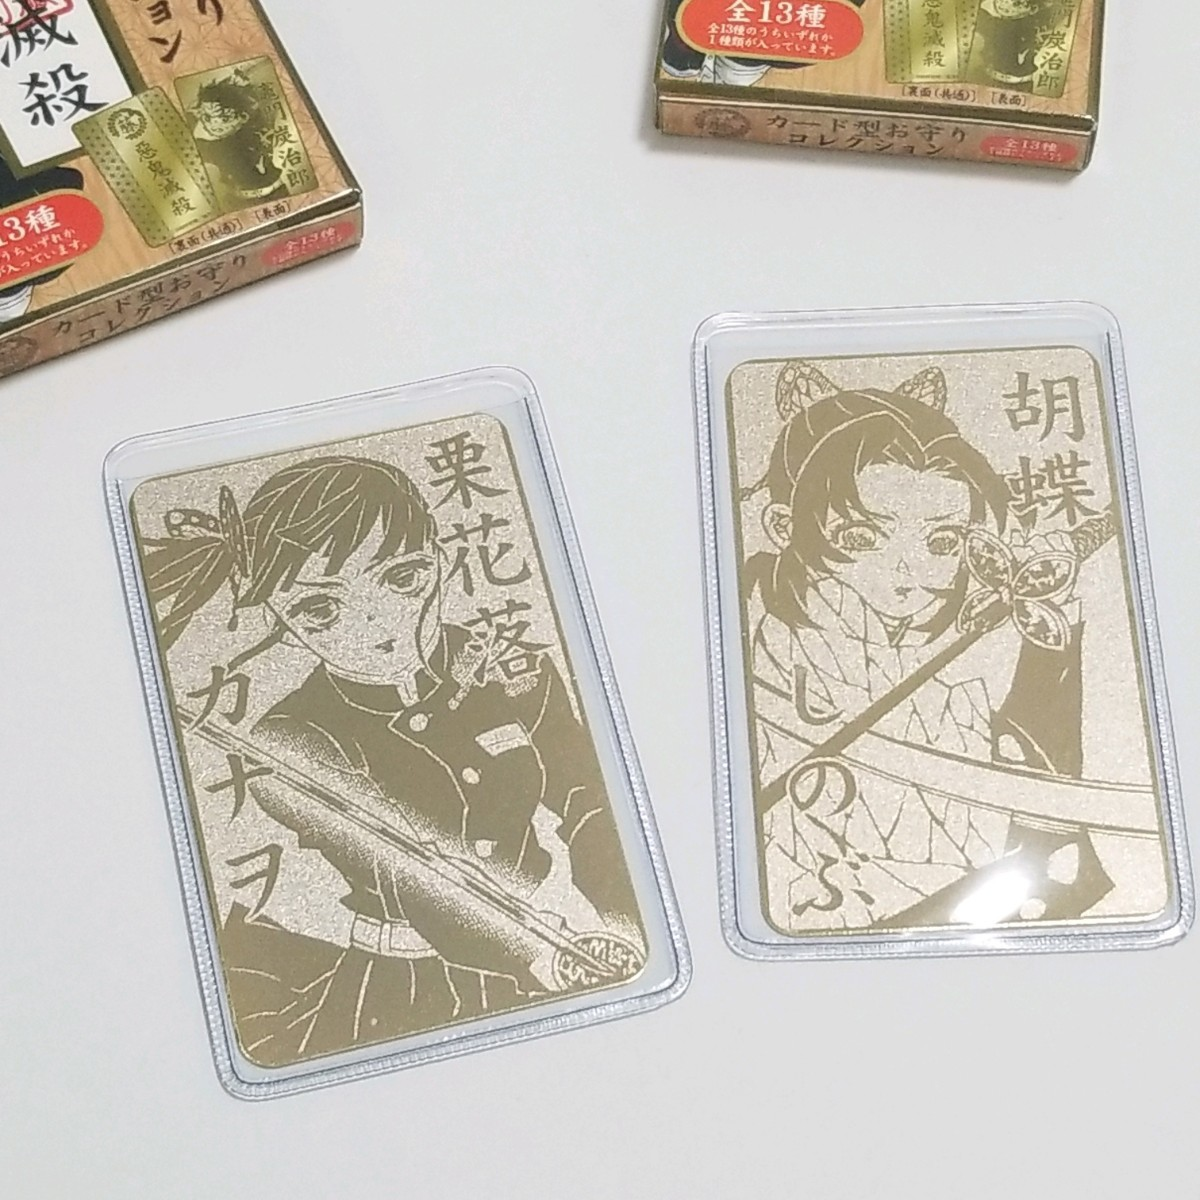 鬼滅の刃 胡蝶しのぶ 栗花落カナヲ カード型お守りコレクション ジャンプショップ